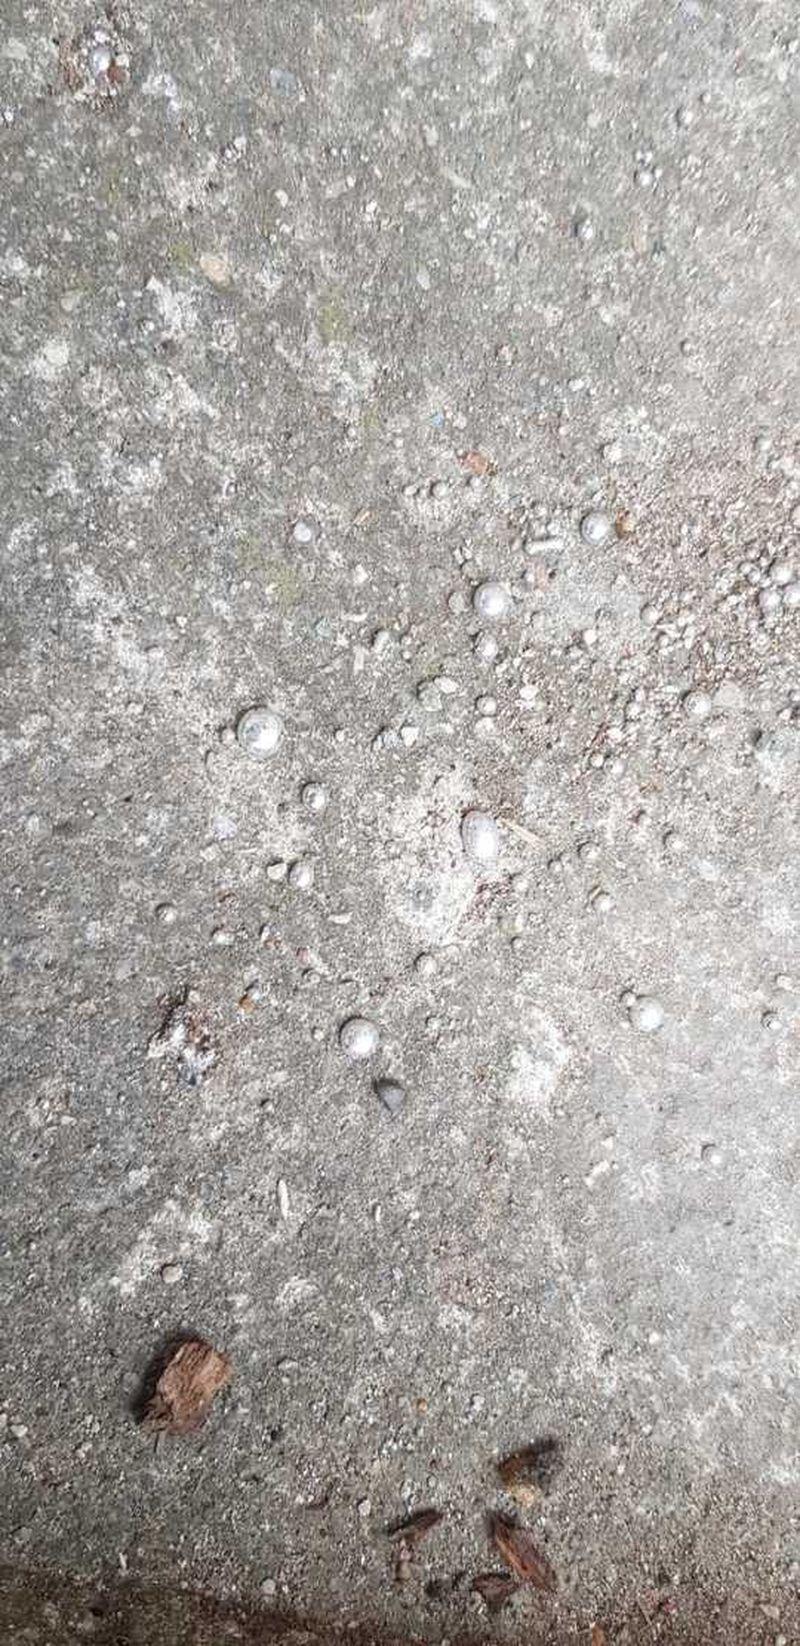 scurgere de mercur în apropierea unui bloc de locuinţe